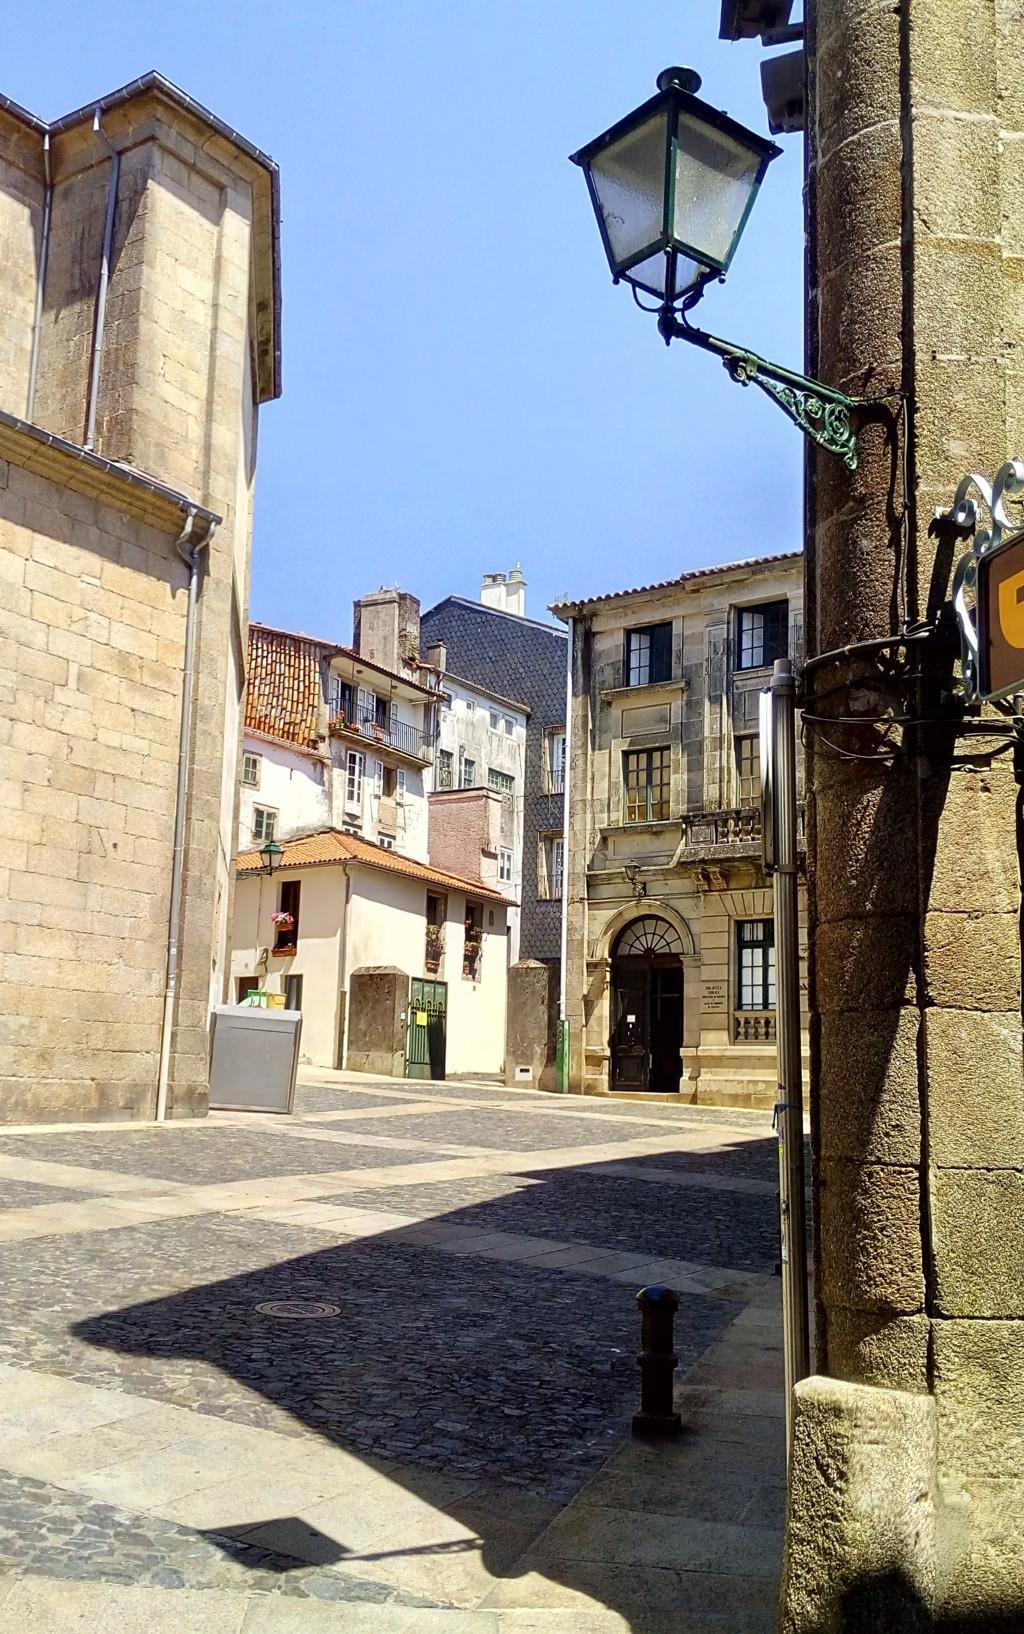 Foto 7 - A la derecha, Plaza de Salvador Parga